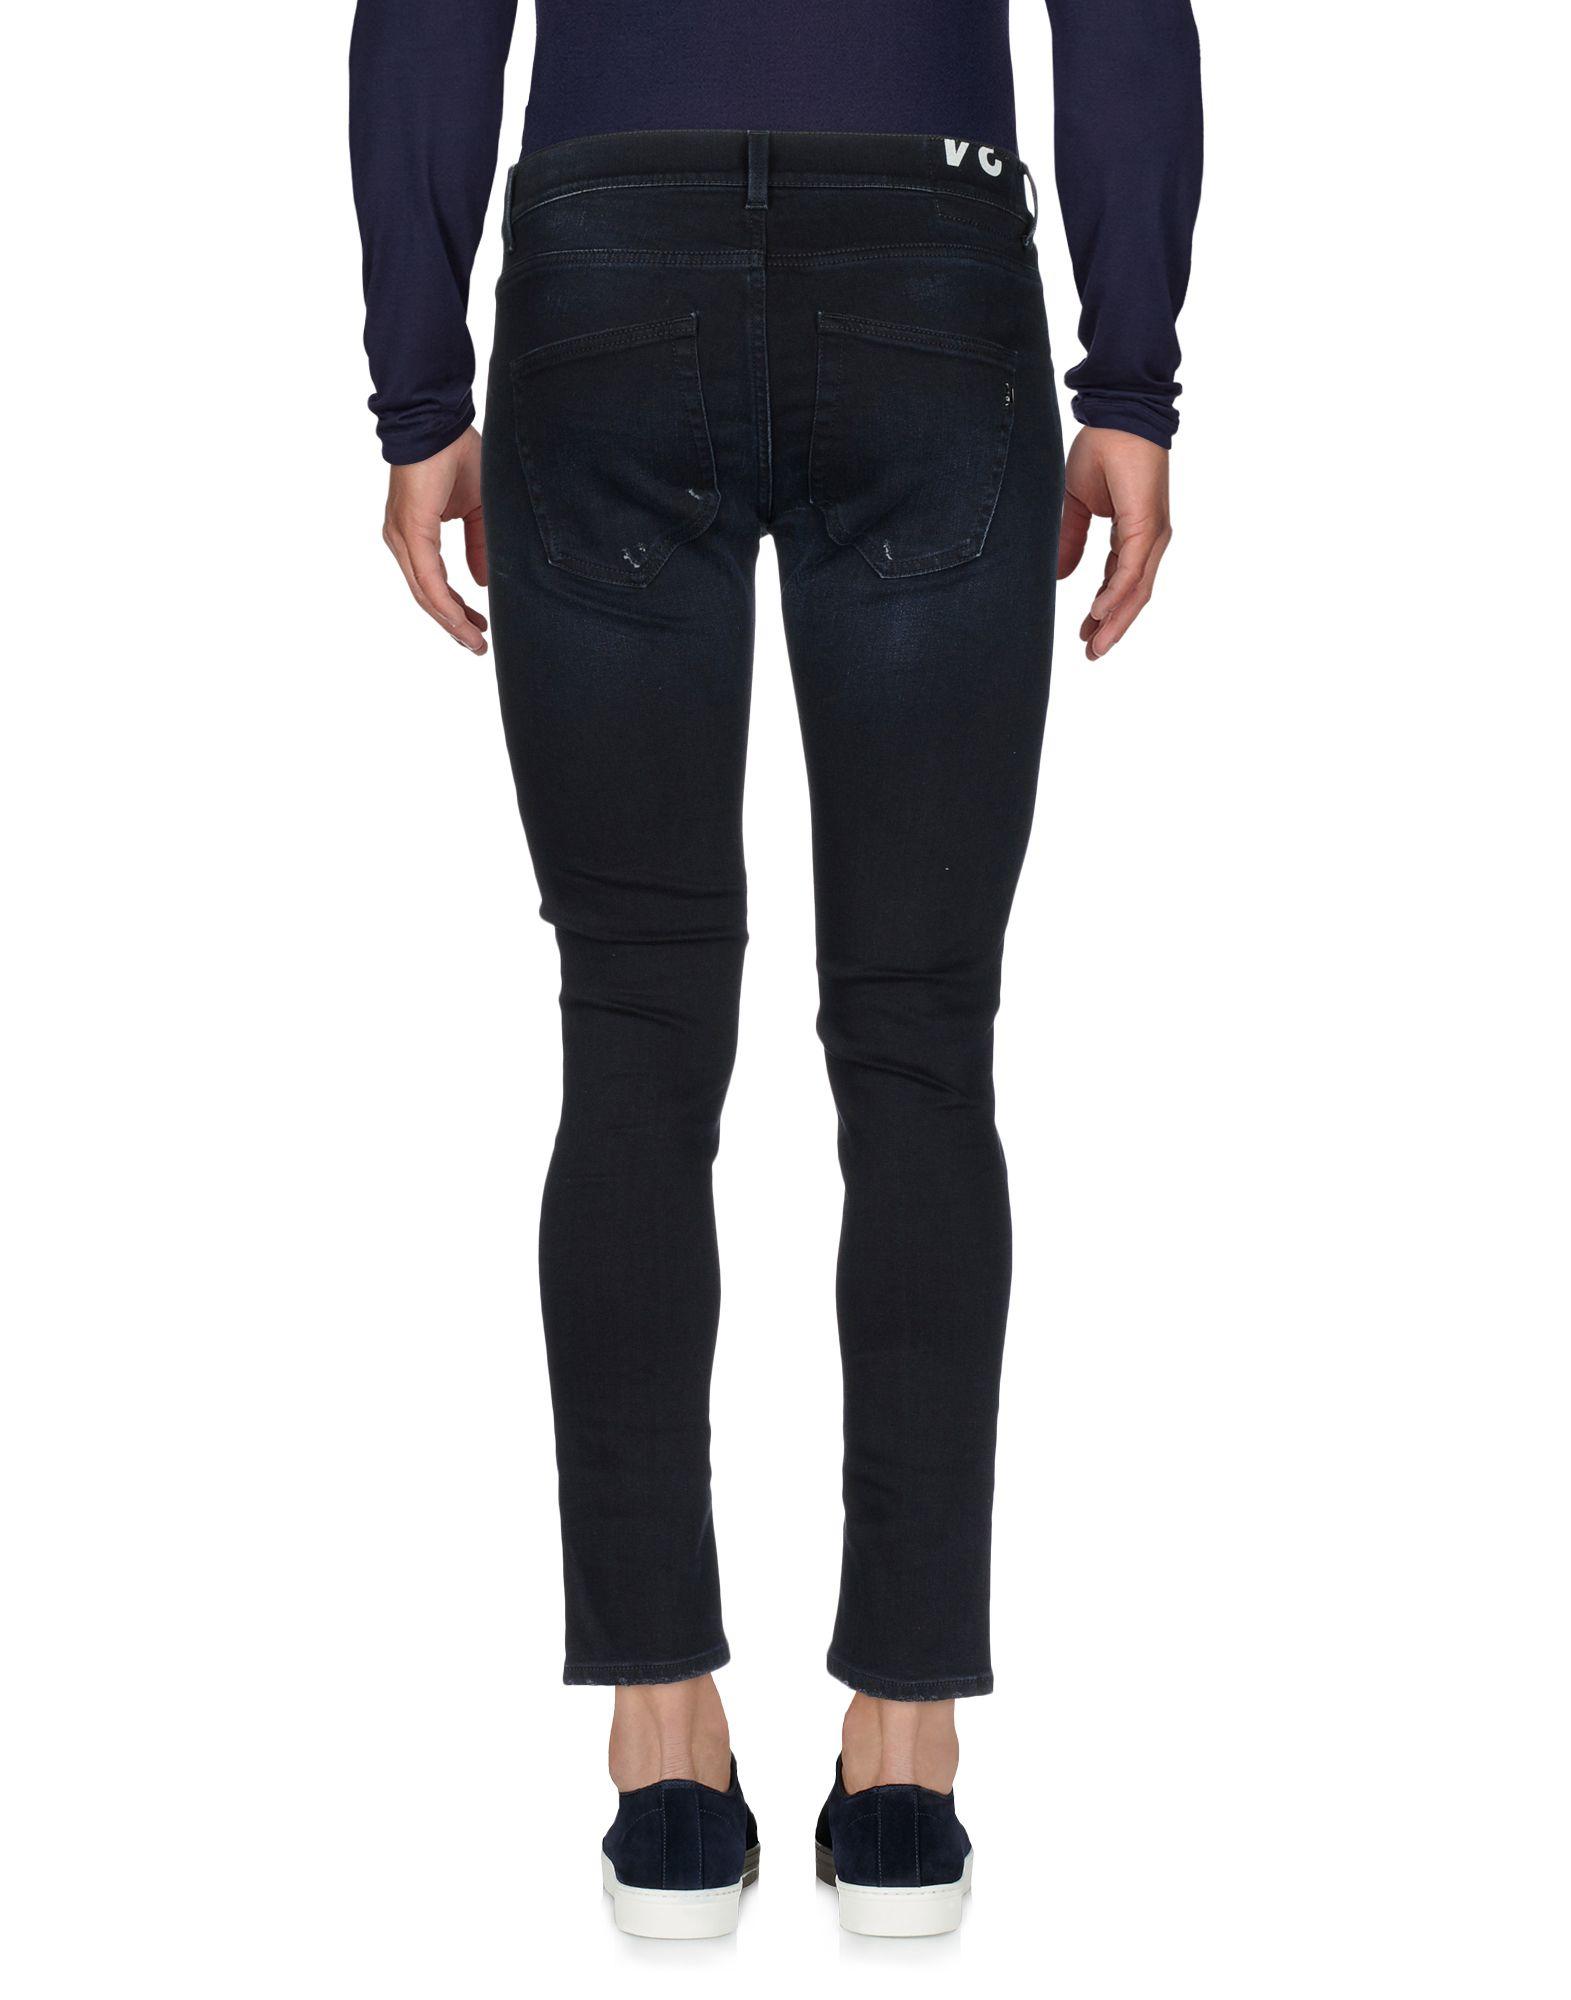 Pantaloni Uomo Jeans Dondup Uomo Pantaloni - 42671157MU e6733f